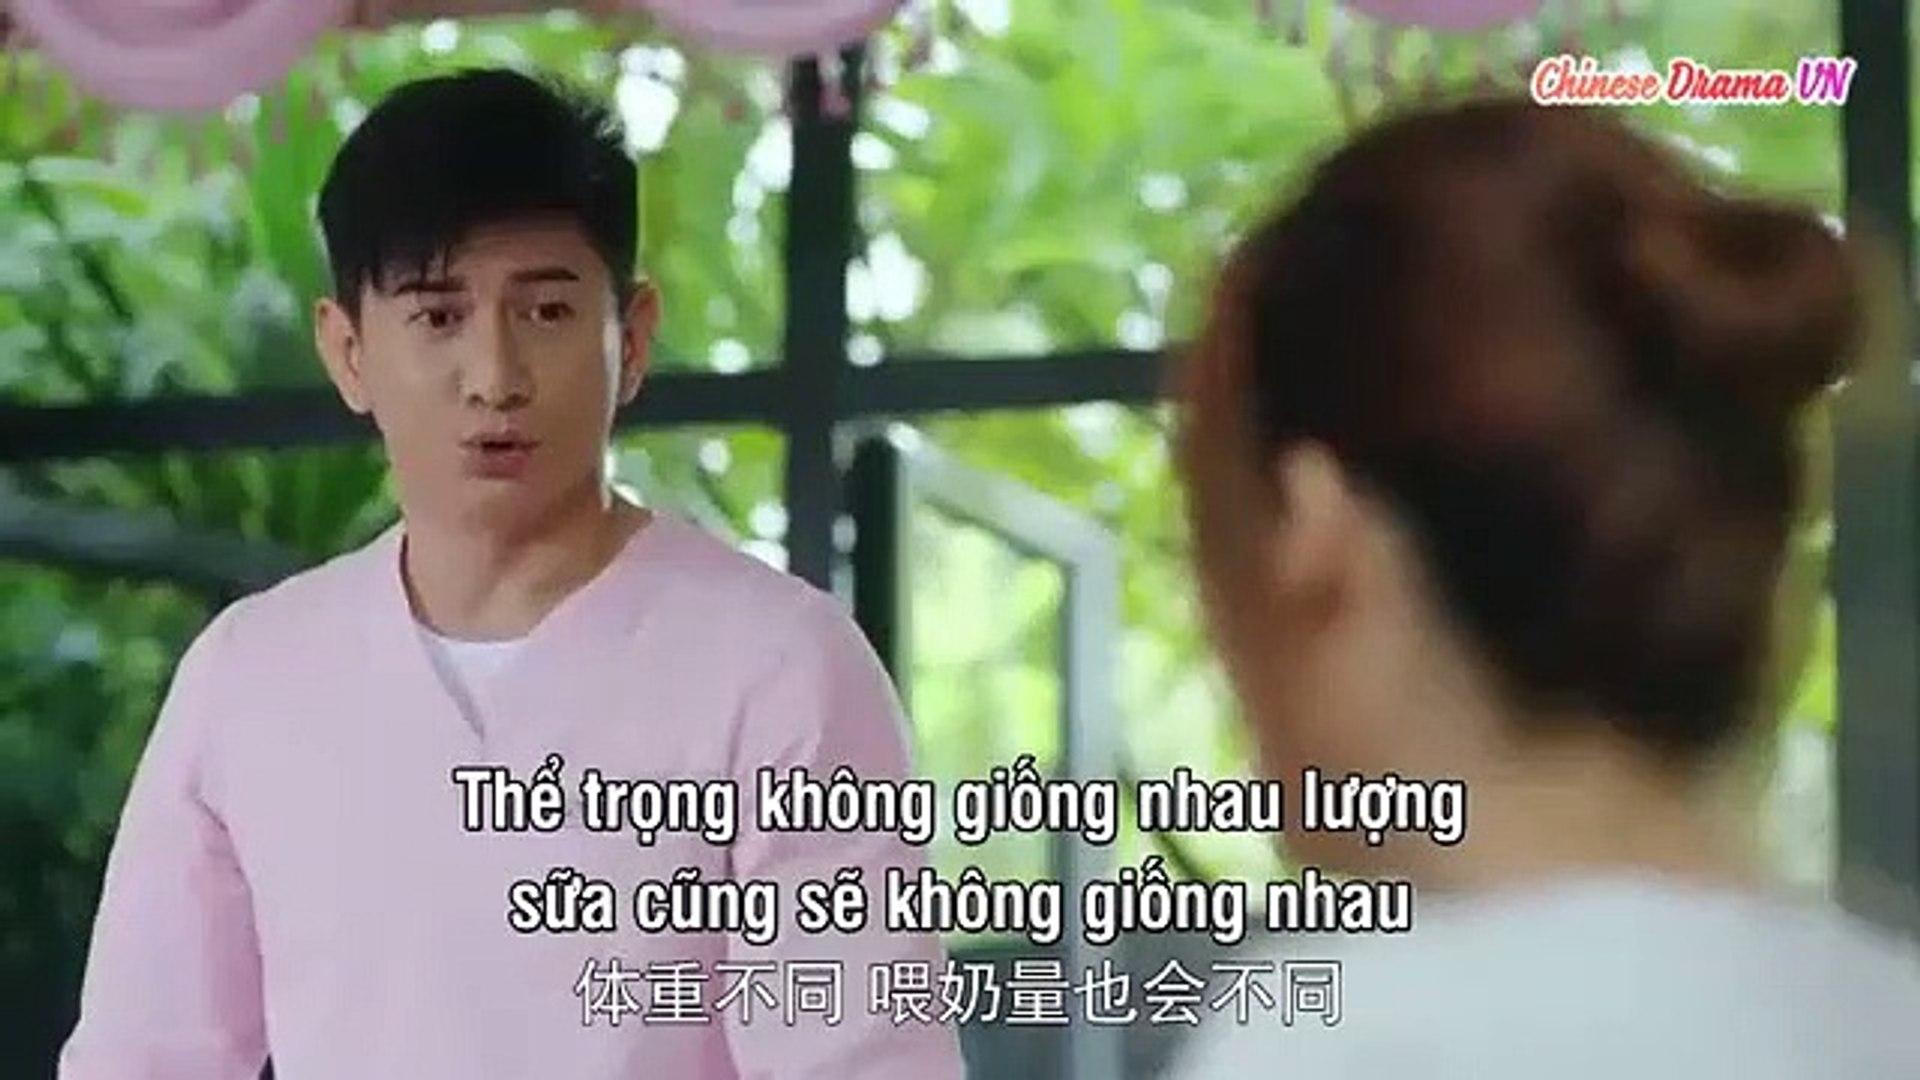 Anh Chàng Bảo Mẫu Tập 24 - Phim Trung Quốc Lồng Tiếng HTV7 - Phim Anh Chang Bao Mau Tap 24